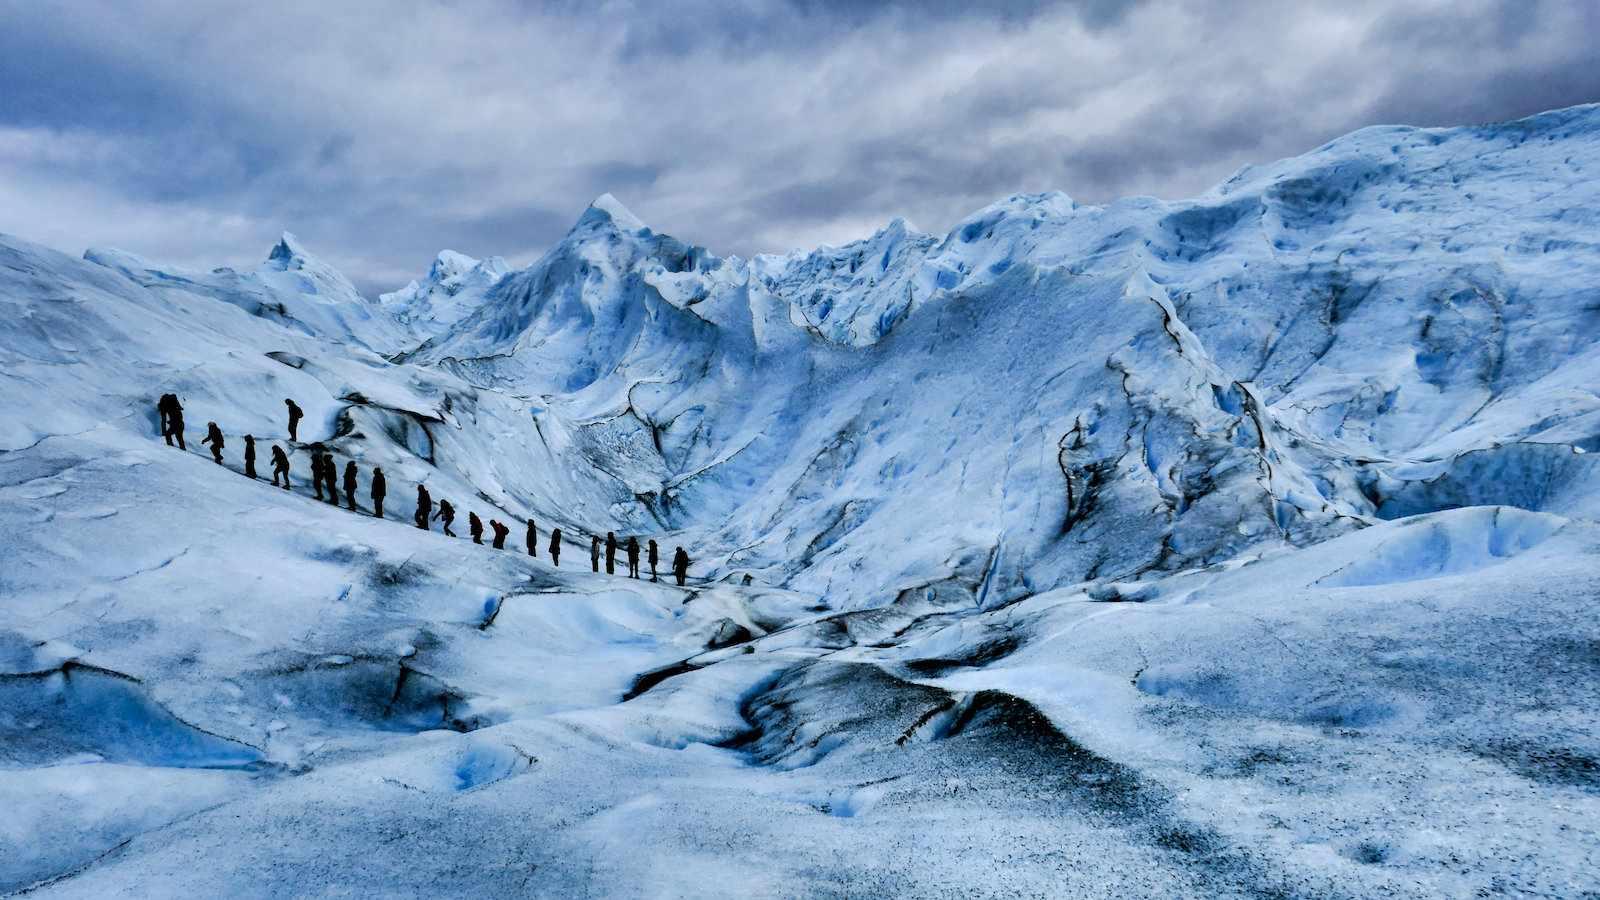 A real highlight of visiting Patagonia is hiking the Perito Moreno glacier